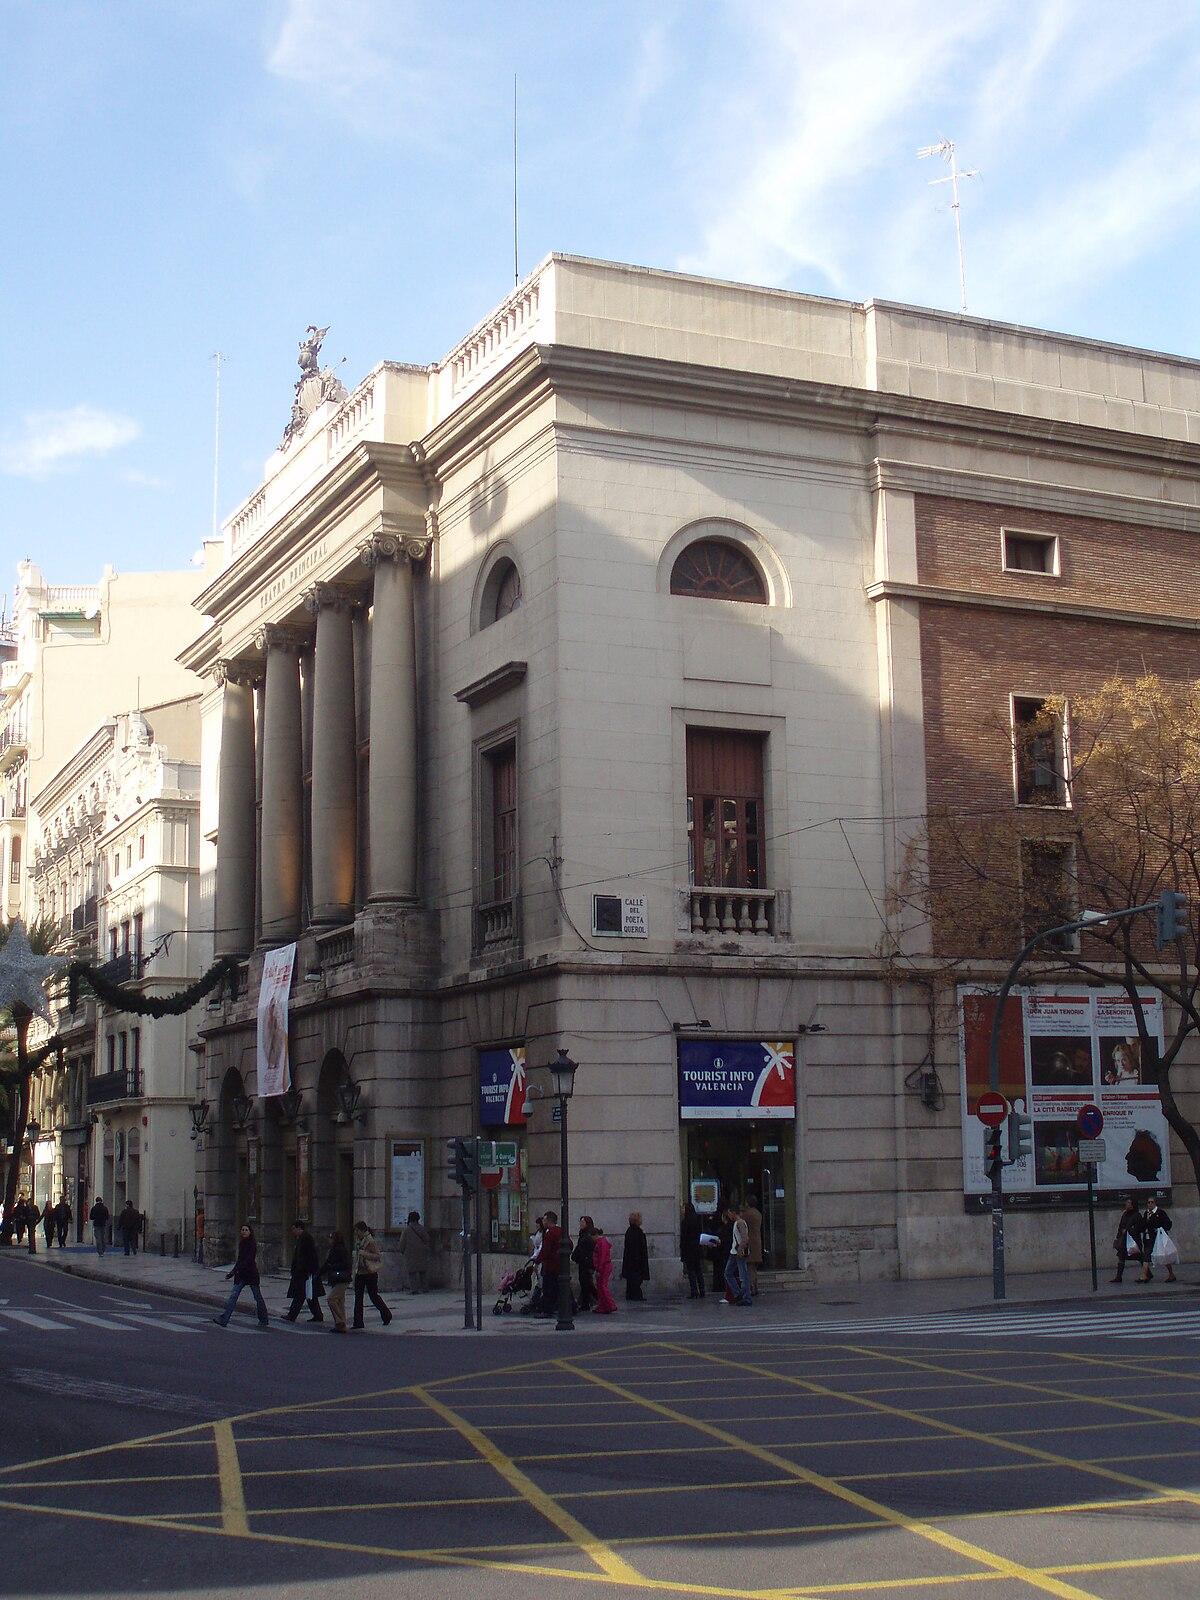 Teatro principal valencia wikipedia la enciclopedia libre for Teatro principal valencia